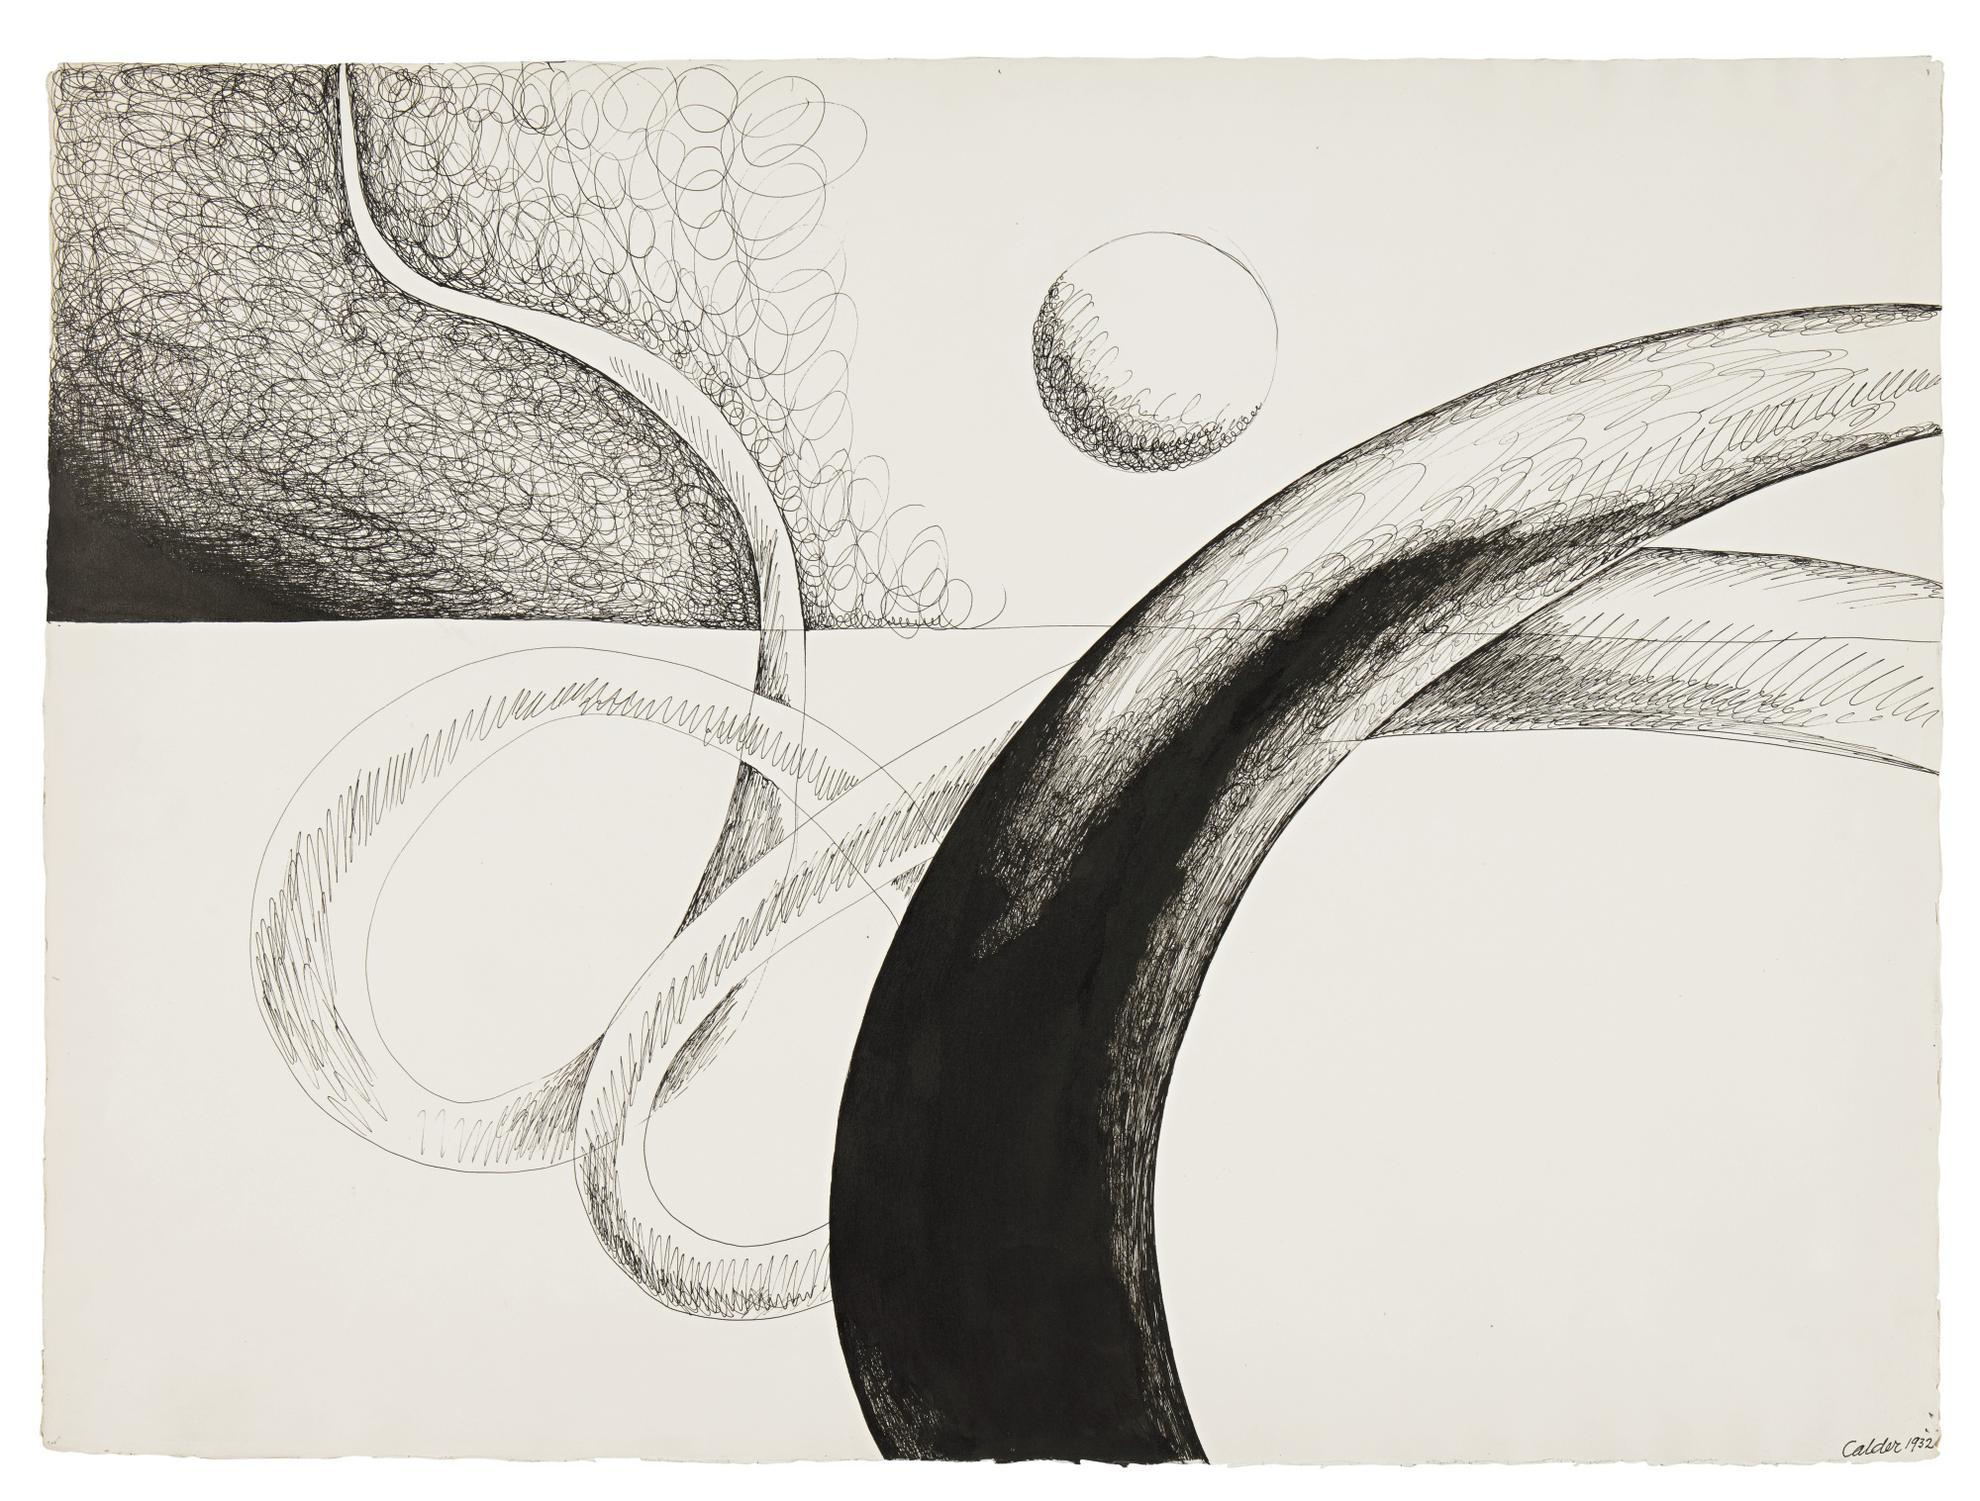 Alexander Calder-Serpentine-1932